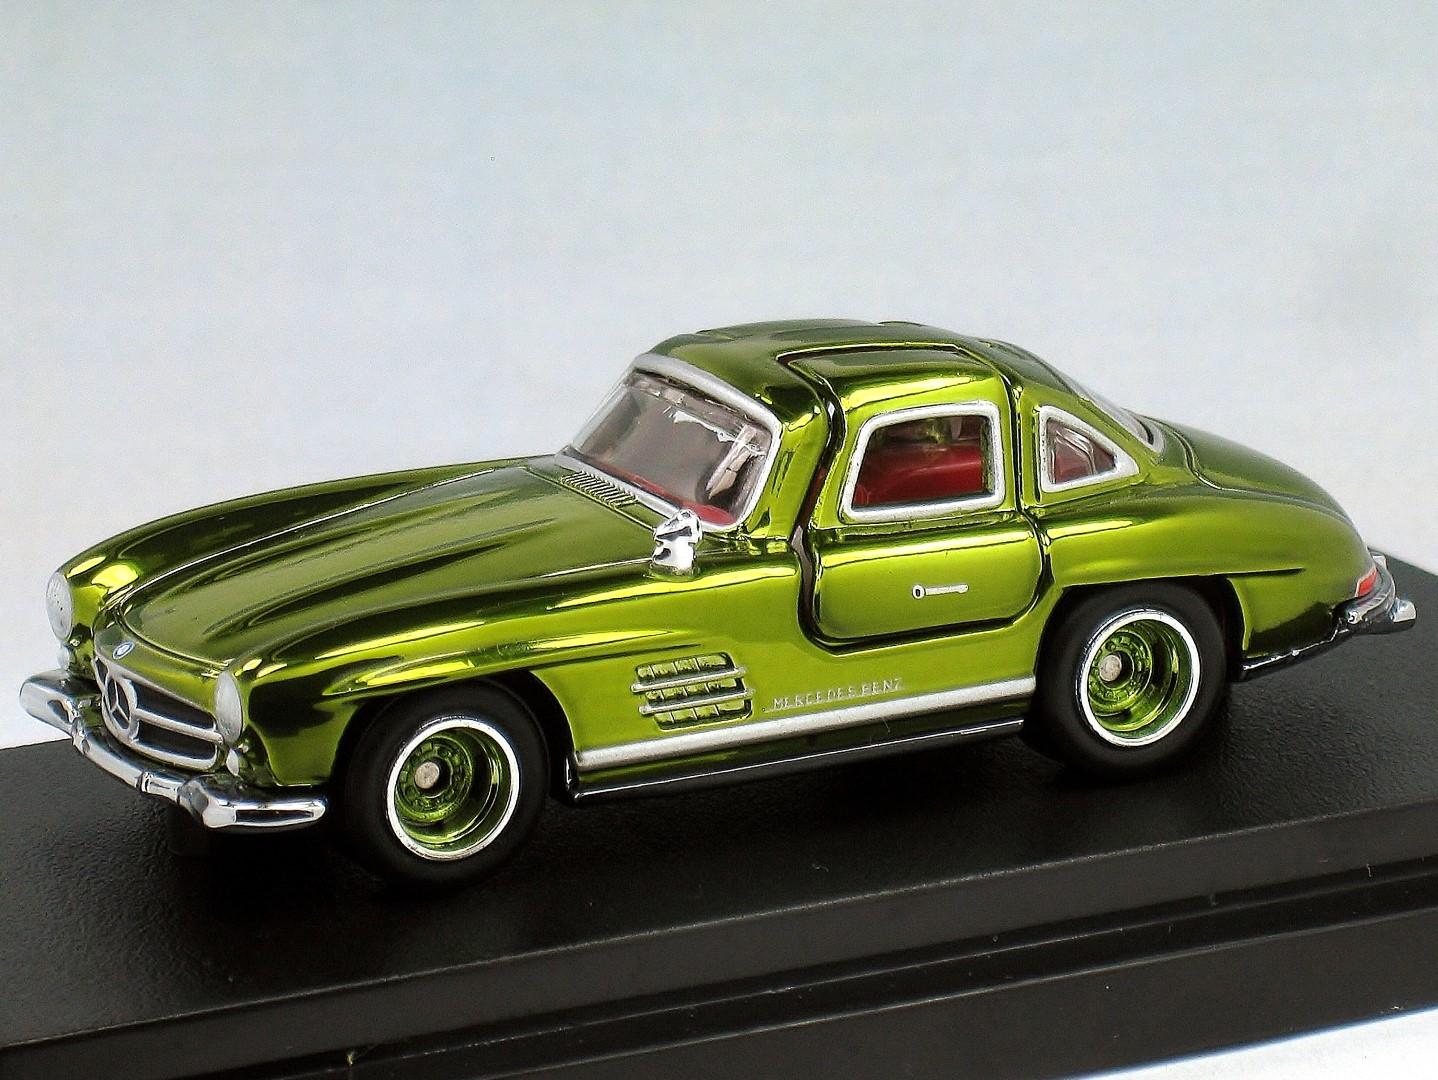 '55 Mercedes-Benz 300 SL